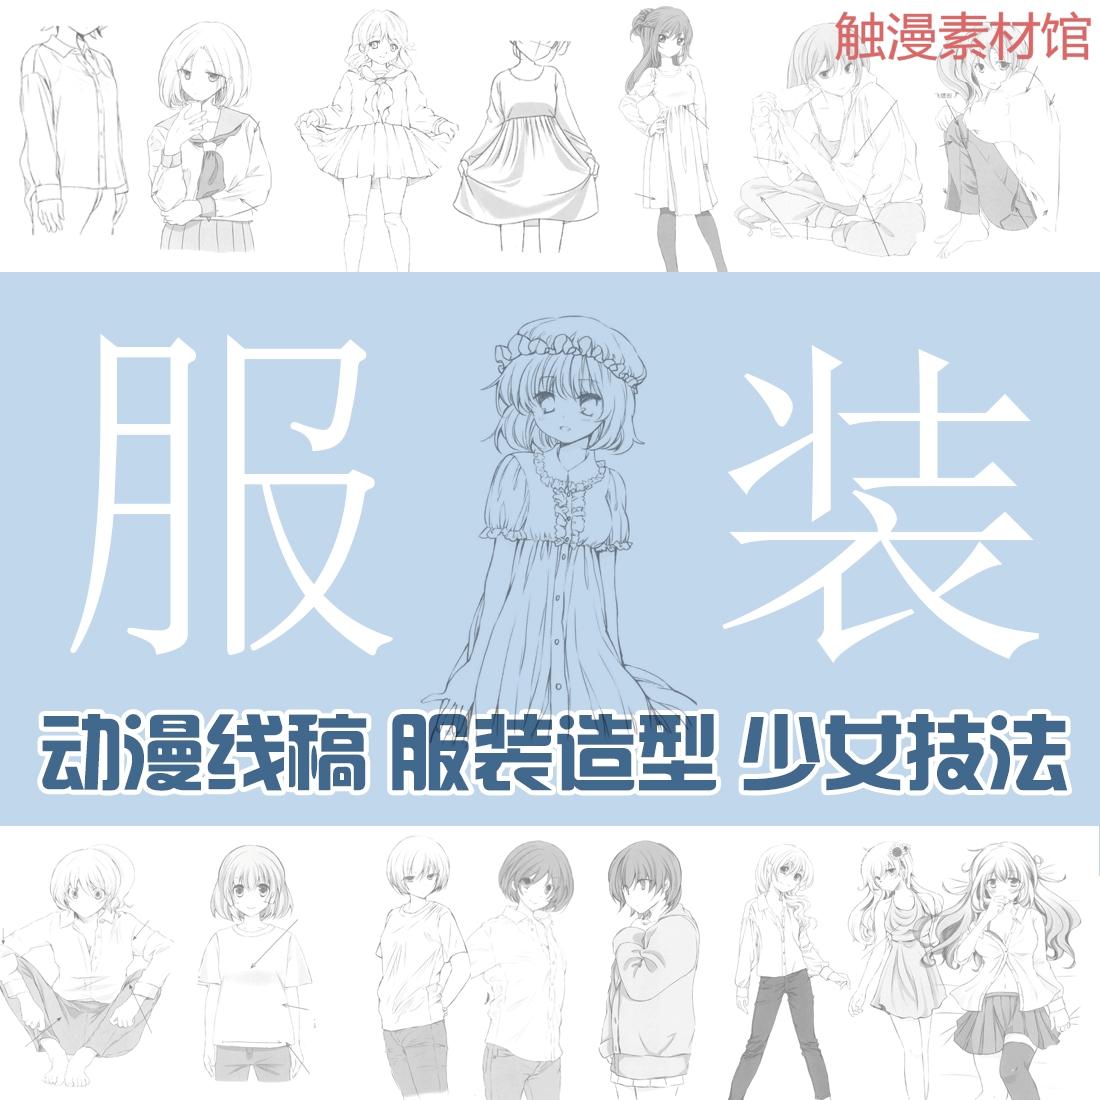 动漫美少女服装造型 各种角色衣服 CG原画 绘画姿态参考素材 临摹,可领取元淘宝优惠券